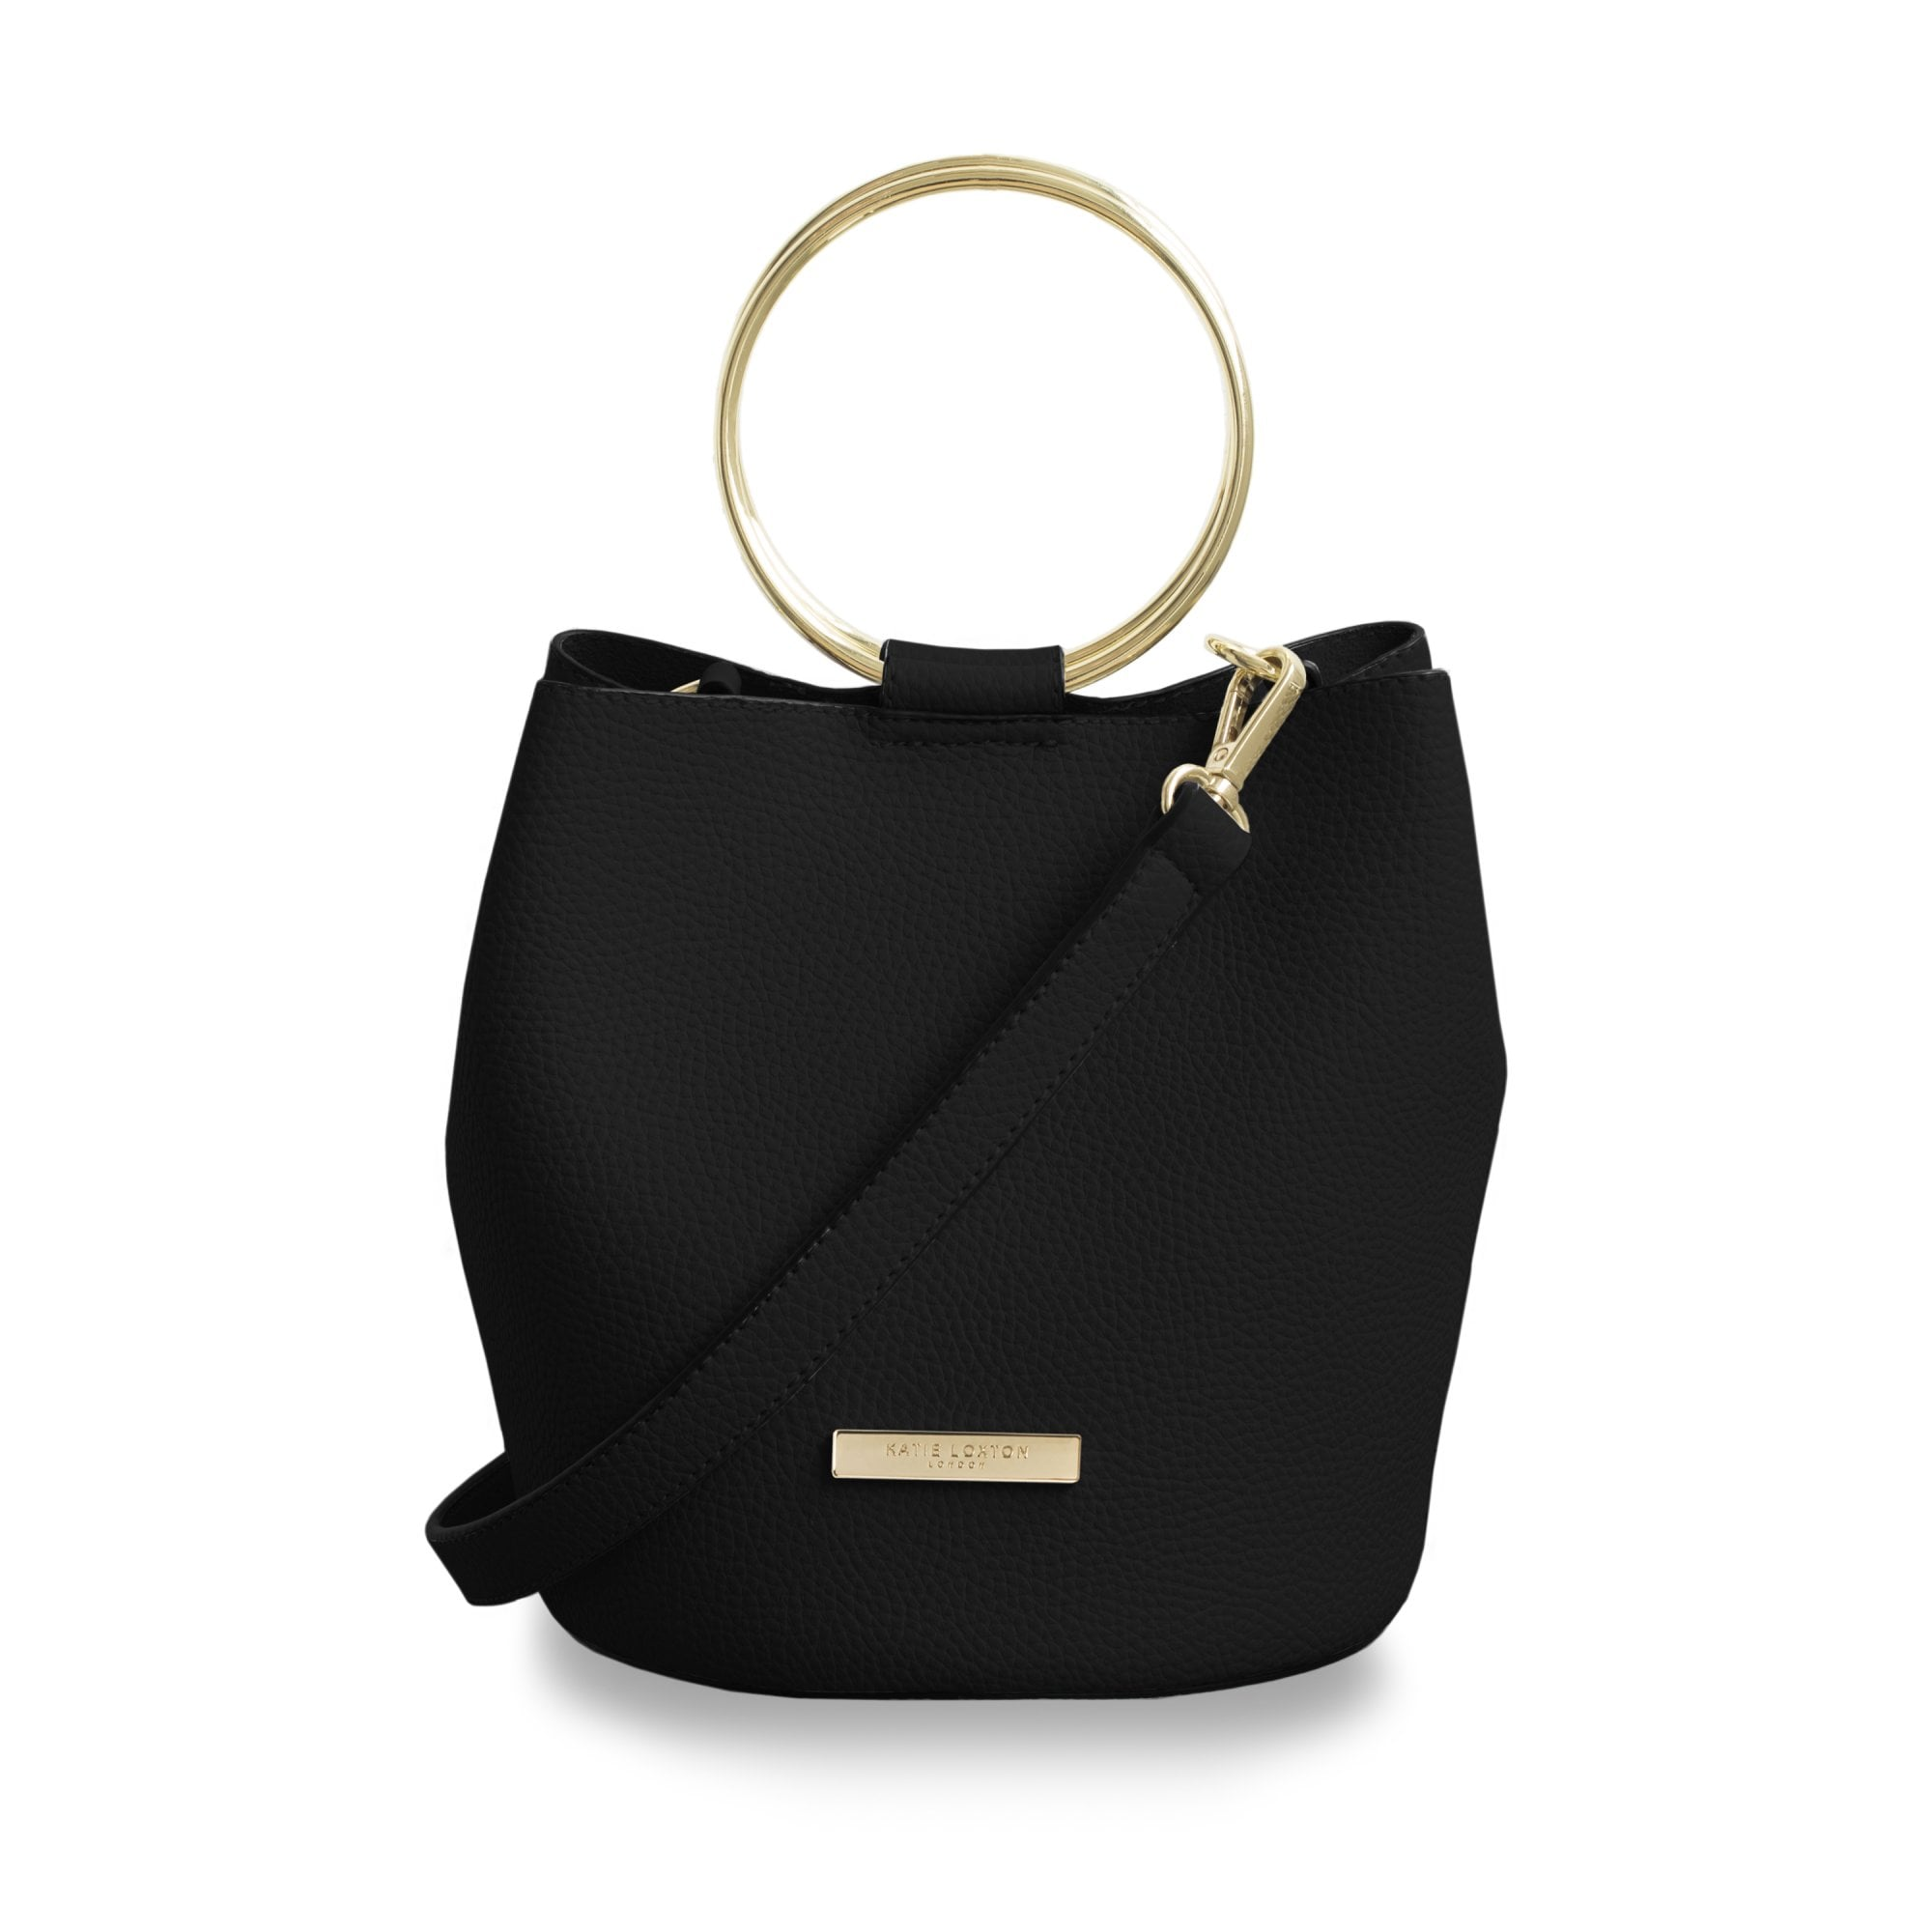 Katie Loxton Suki bag in black